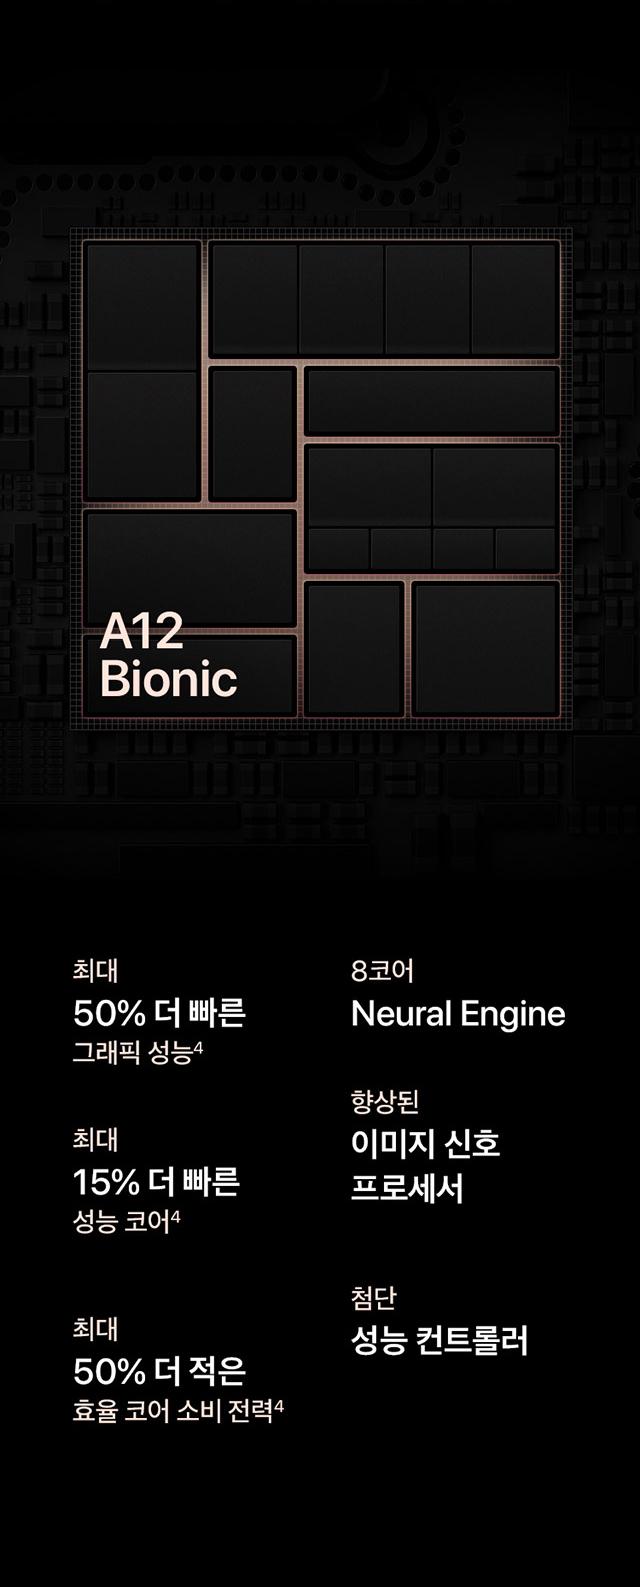 A12 Bionic 최대 50% 더 빠른 그래픽 성능, 8코어 Neural Engine 최대 15% 더 빠른 성능 코어, 향상된 이미지 신호 프로세서, 최대 50% 더 적은 효율 코어 소비 전력, 첨단 성능 콘트롤러